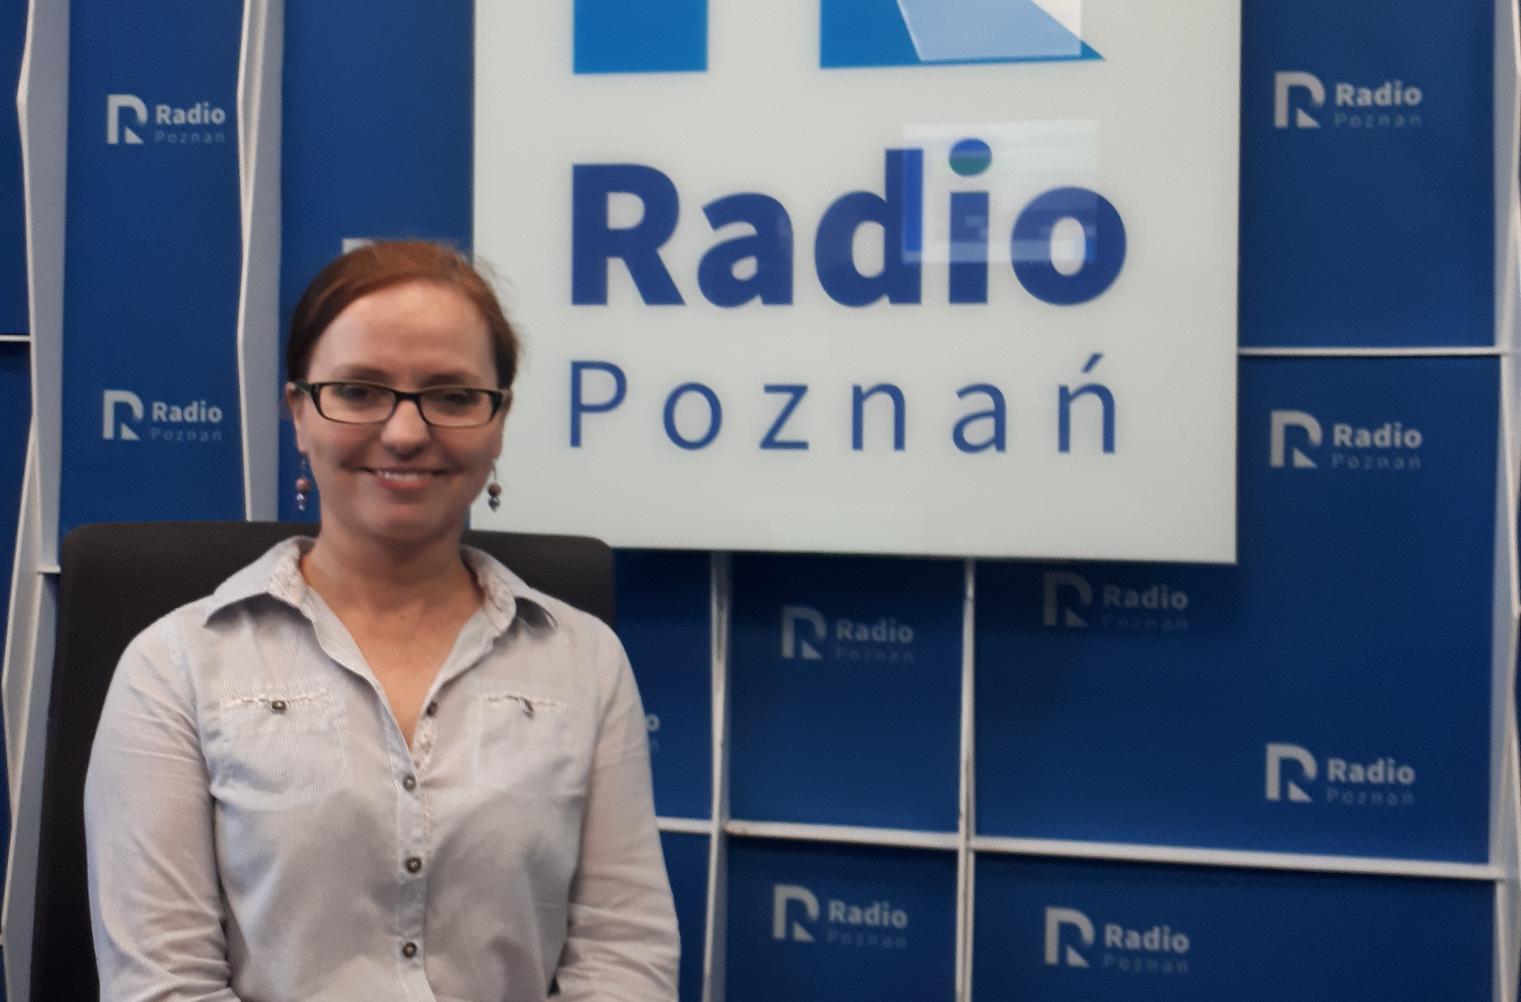 dorota bonk hammermeister - Łukasz Kaźmierczak